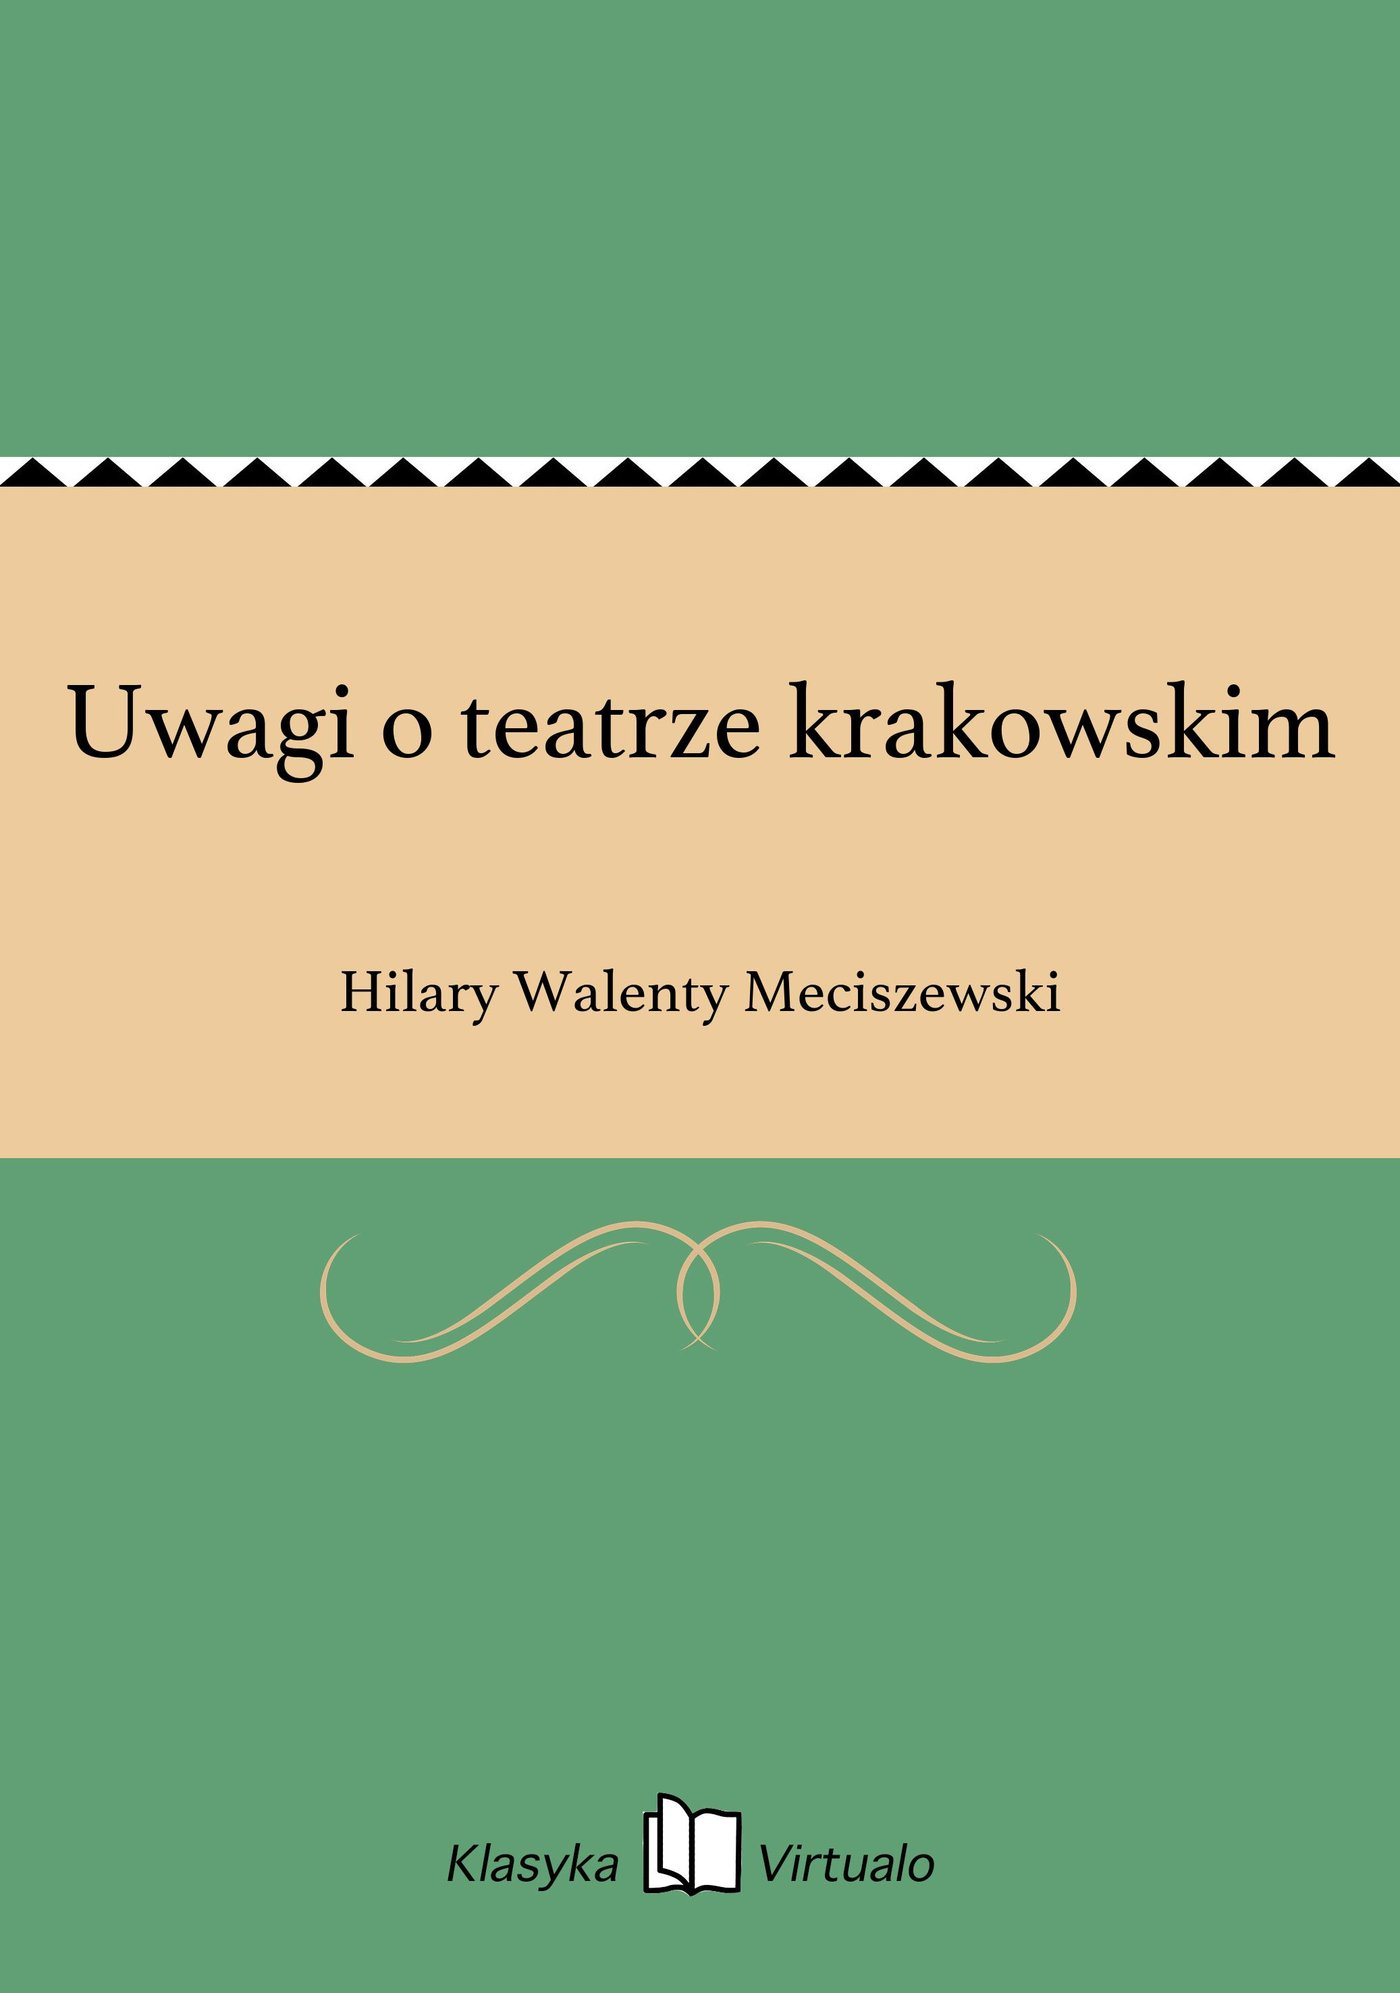 Uwagi o teatrze krakowskim - Ebook (Książka na Kindle) do pobrania w formacie MOBI